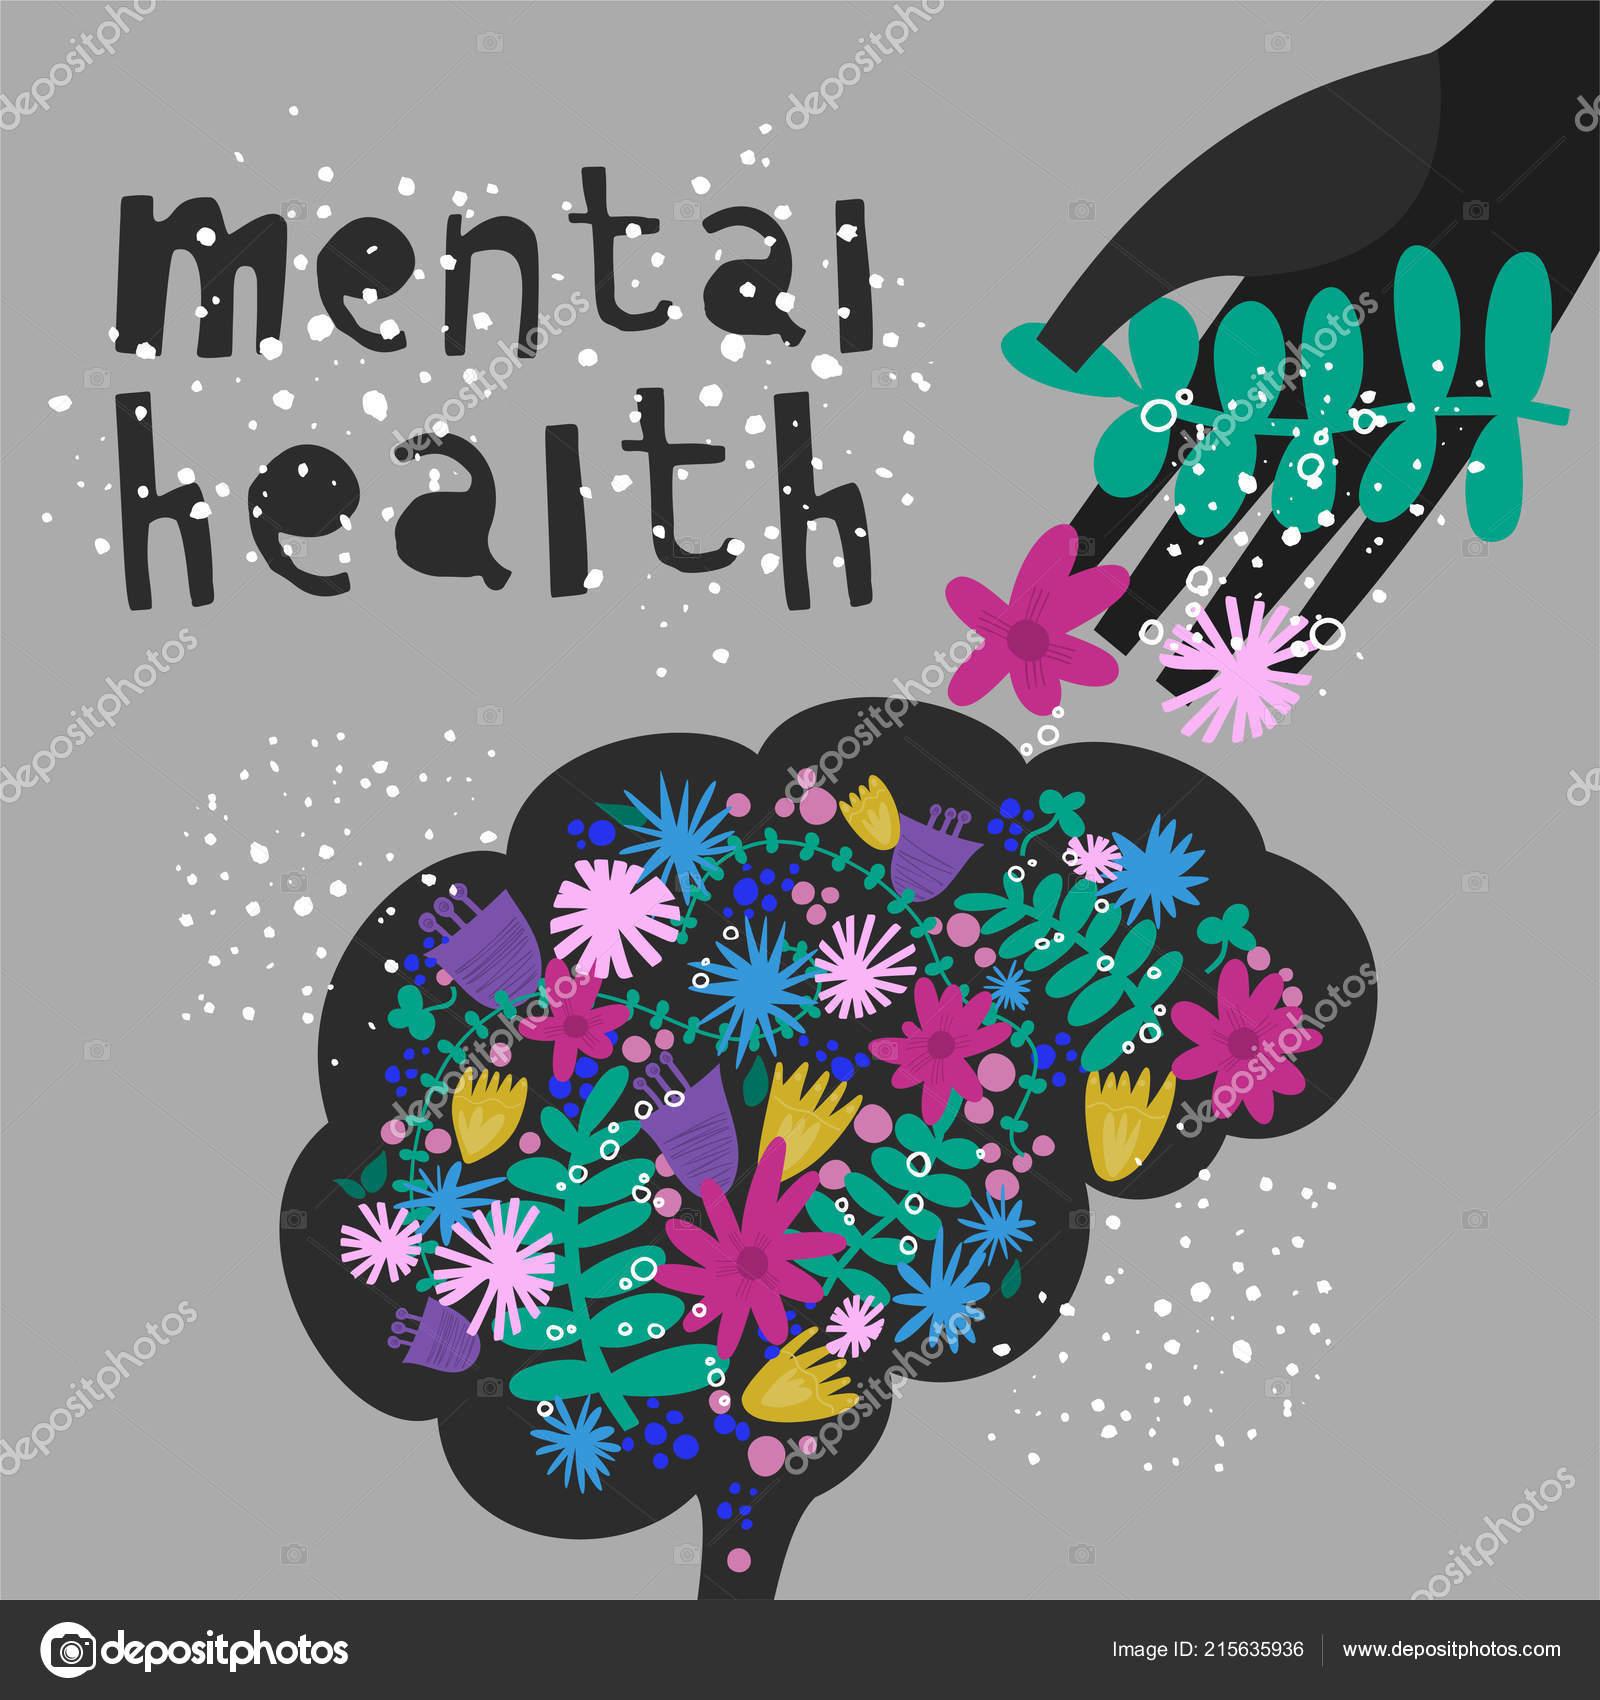 Mental health. Vector illustration \u2014 Stock Vector